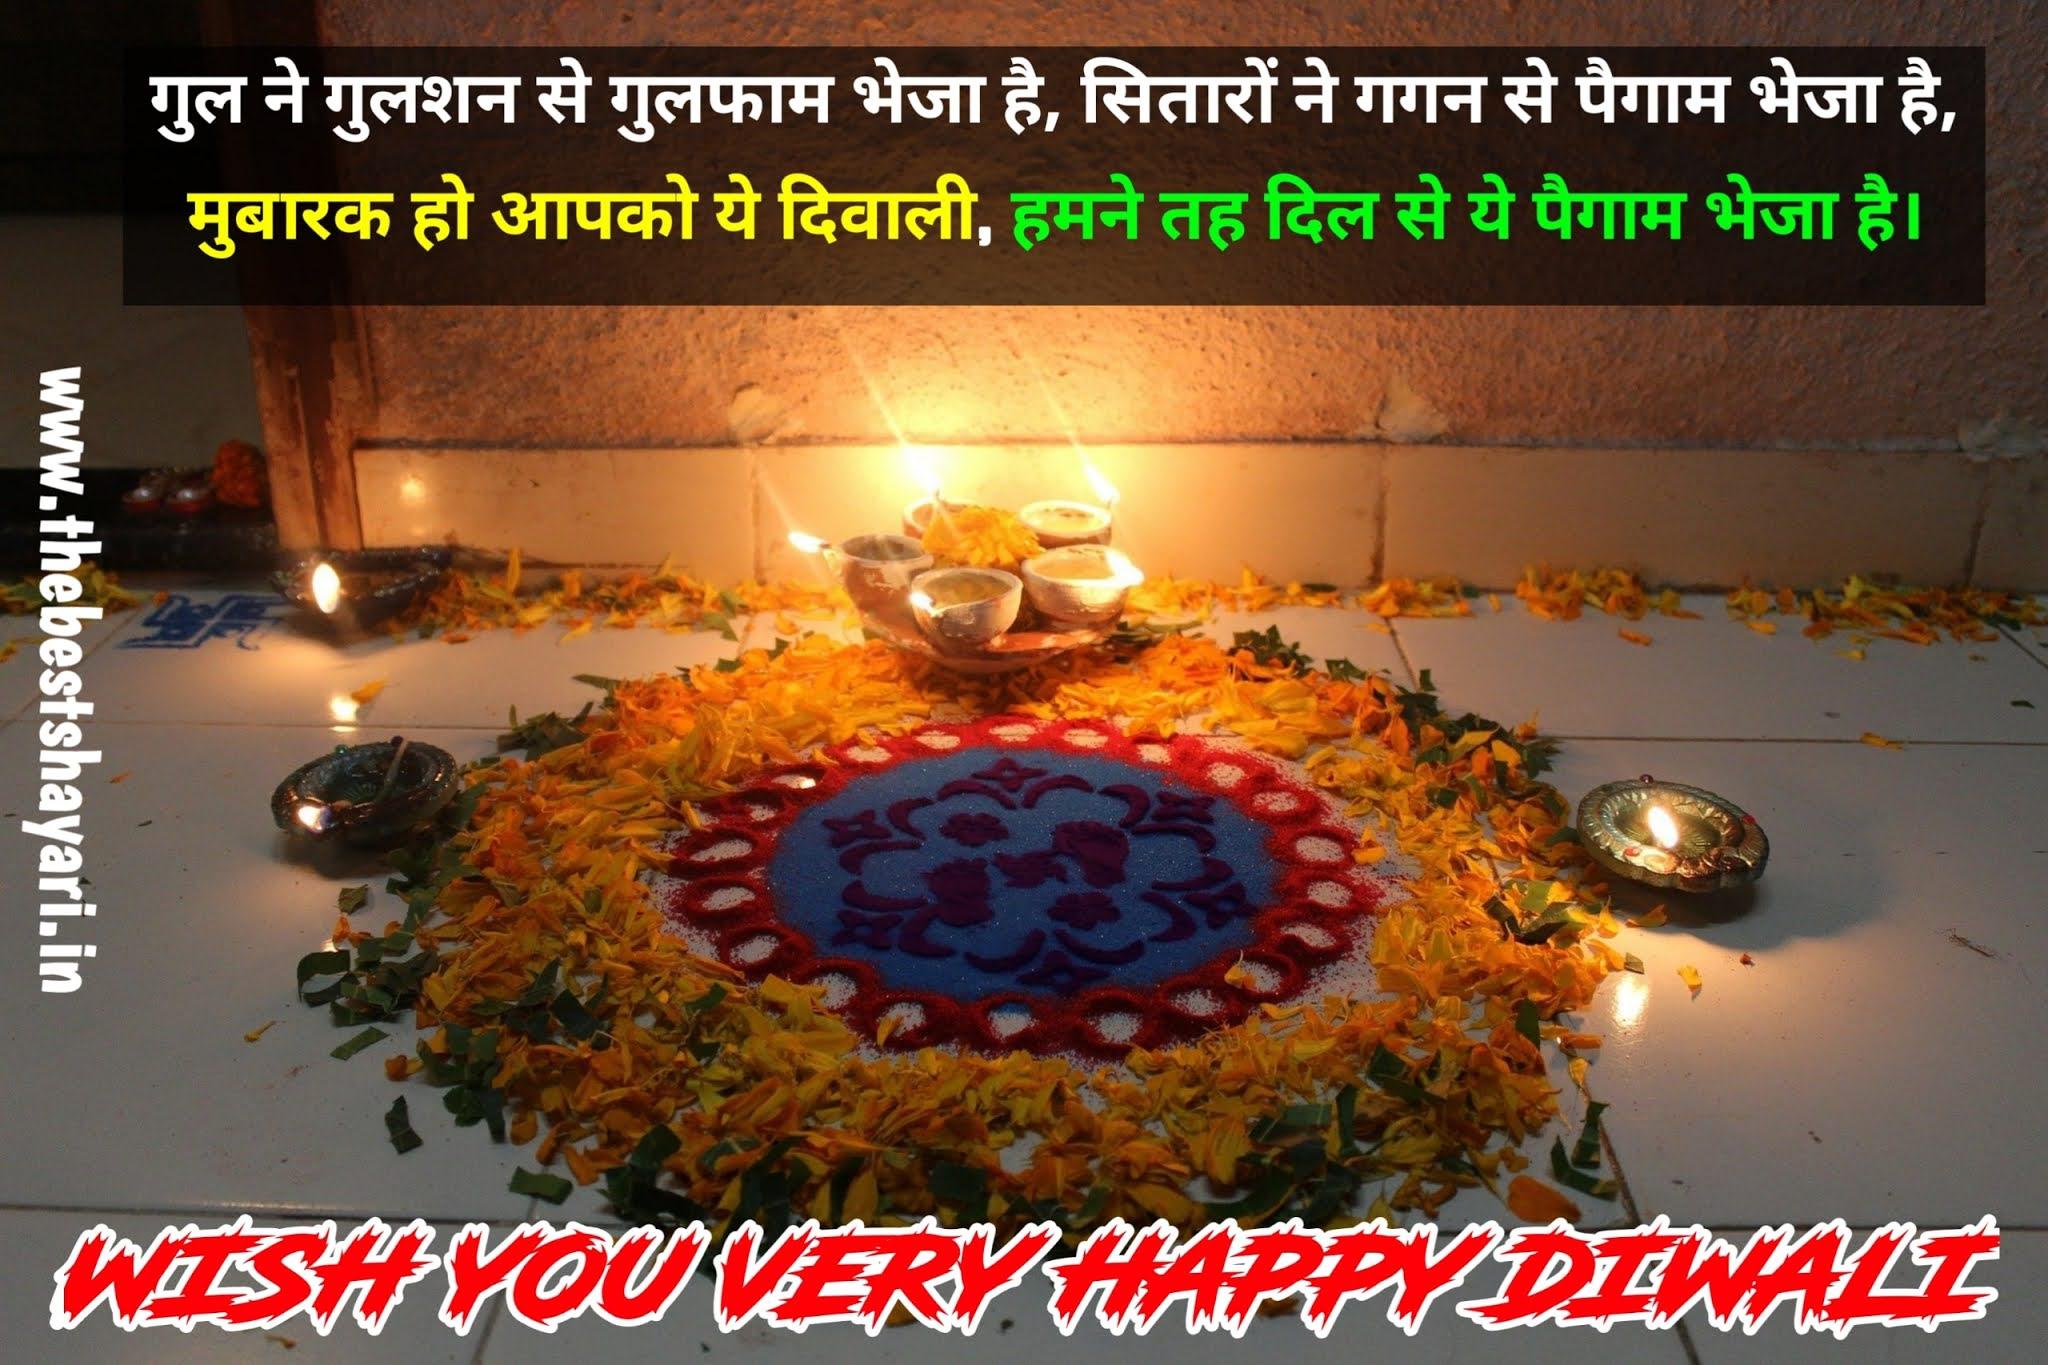 Diwali wishing in Hindi